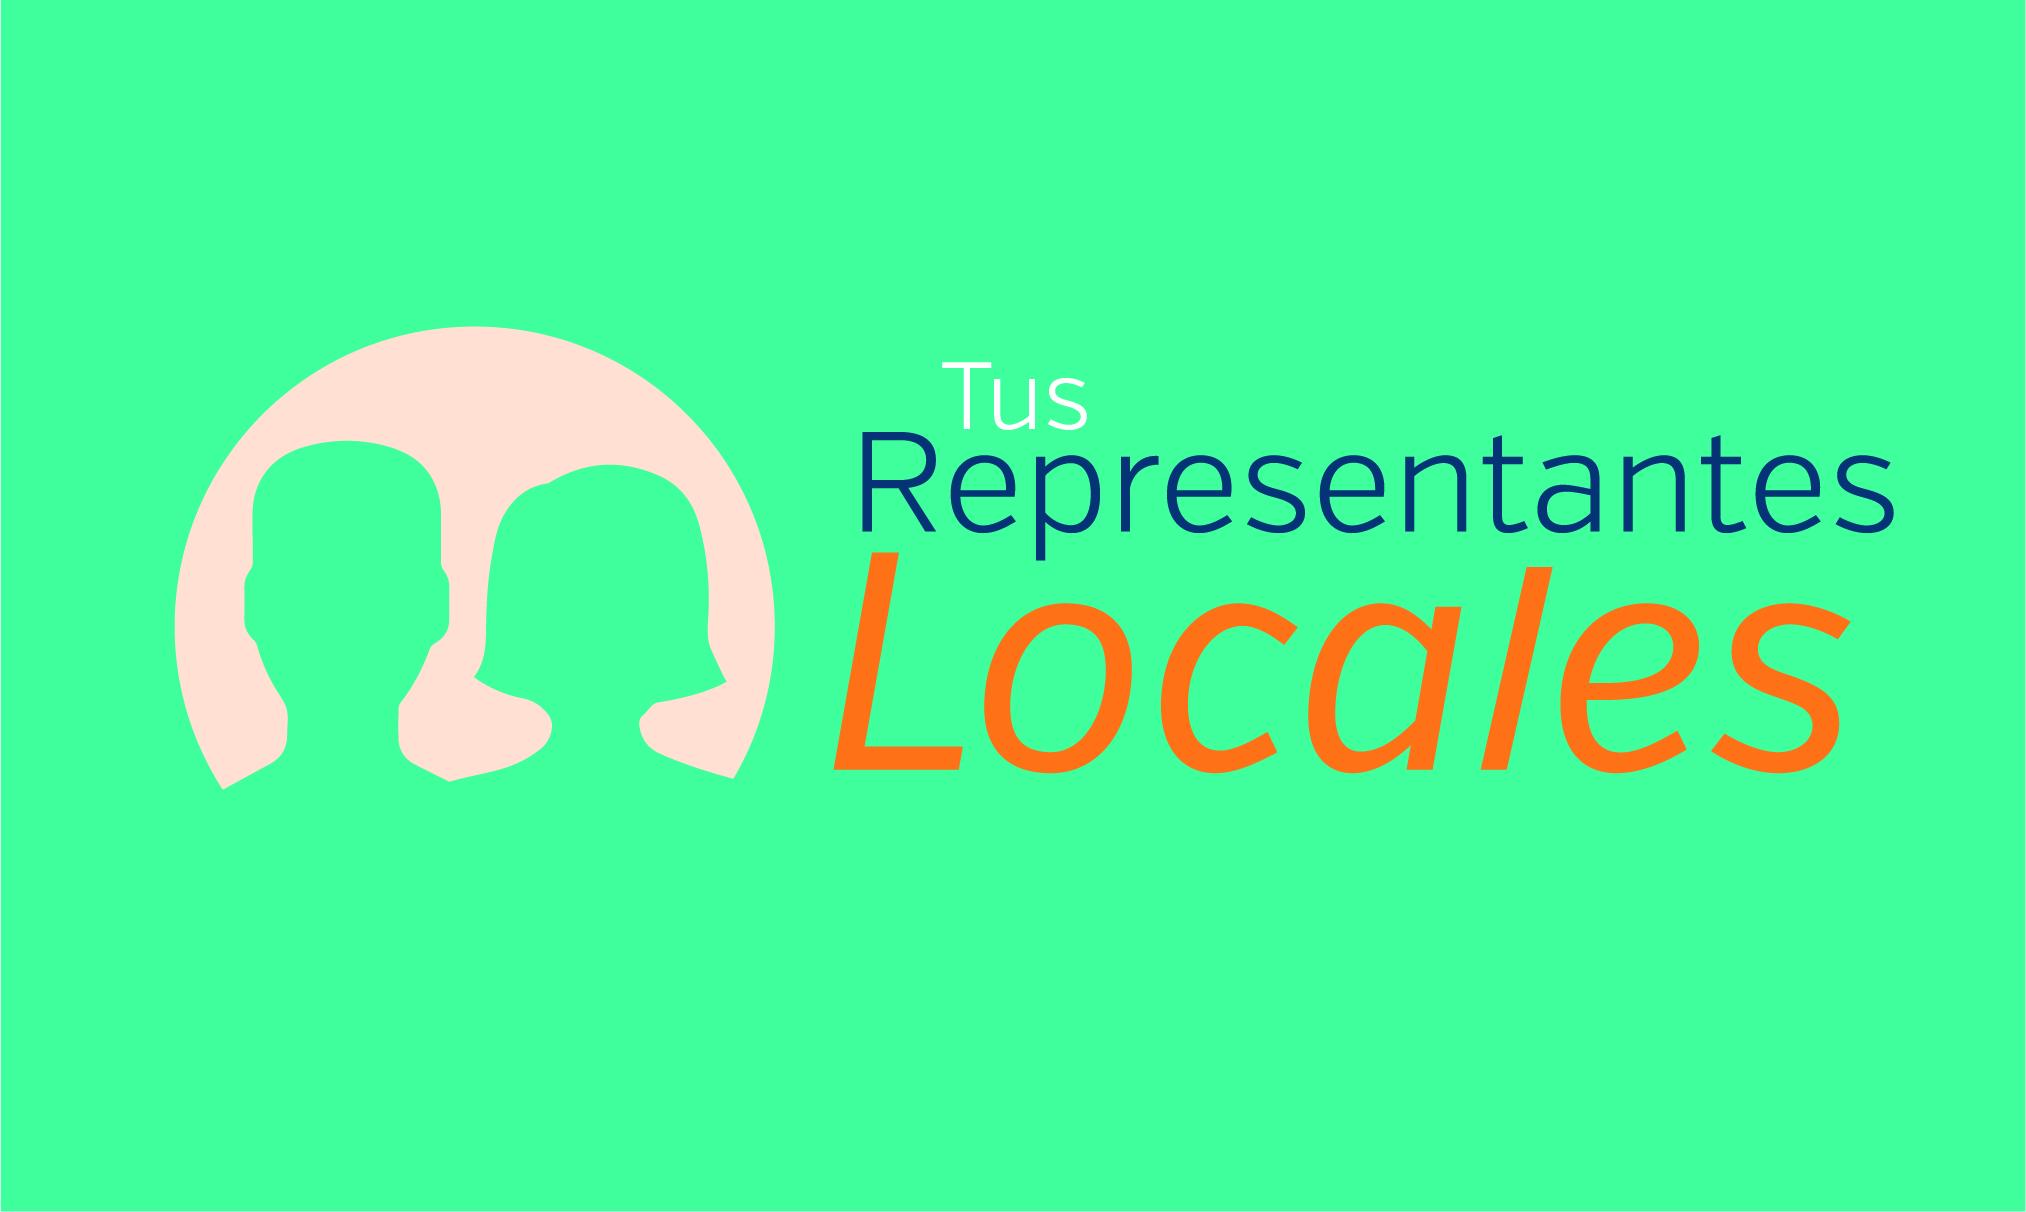 Tus Representantes Locales